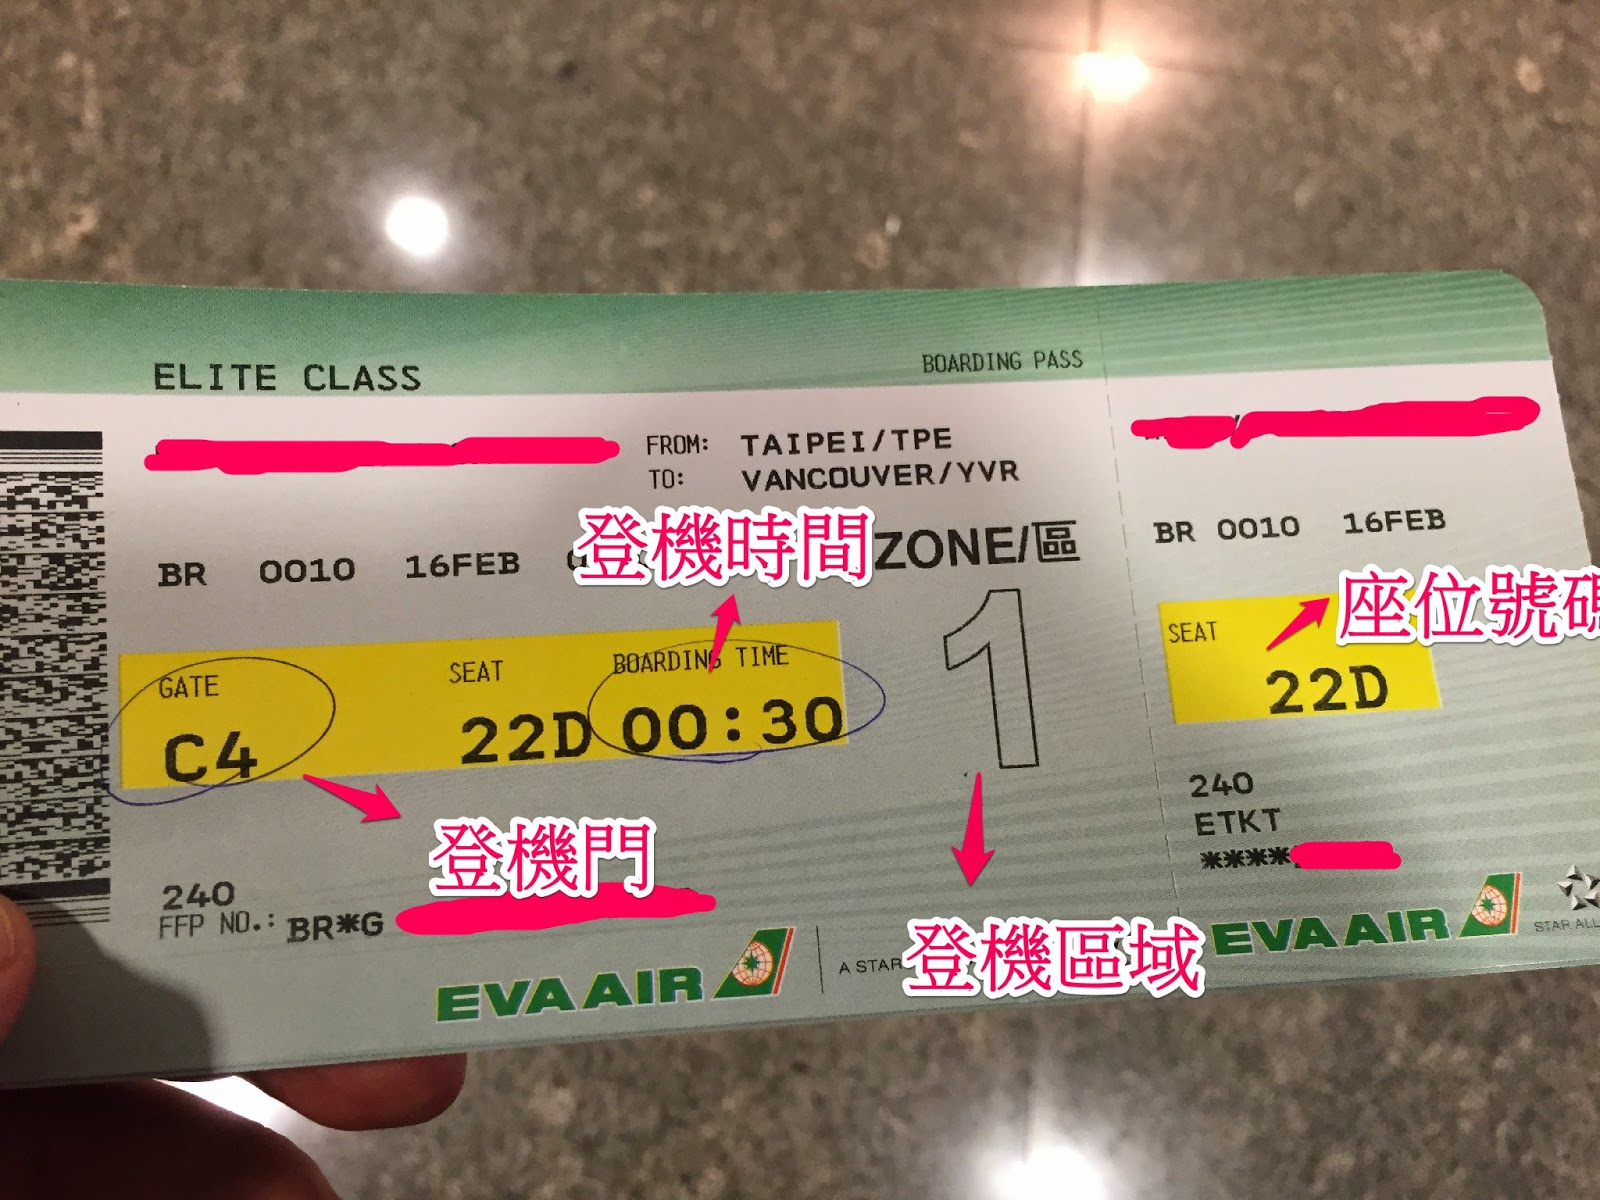 Living Best Blog!: 如何從臺北搭乘BR010豪華經濟艙至溫哥華